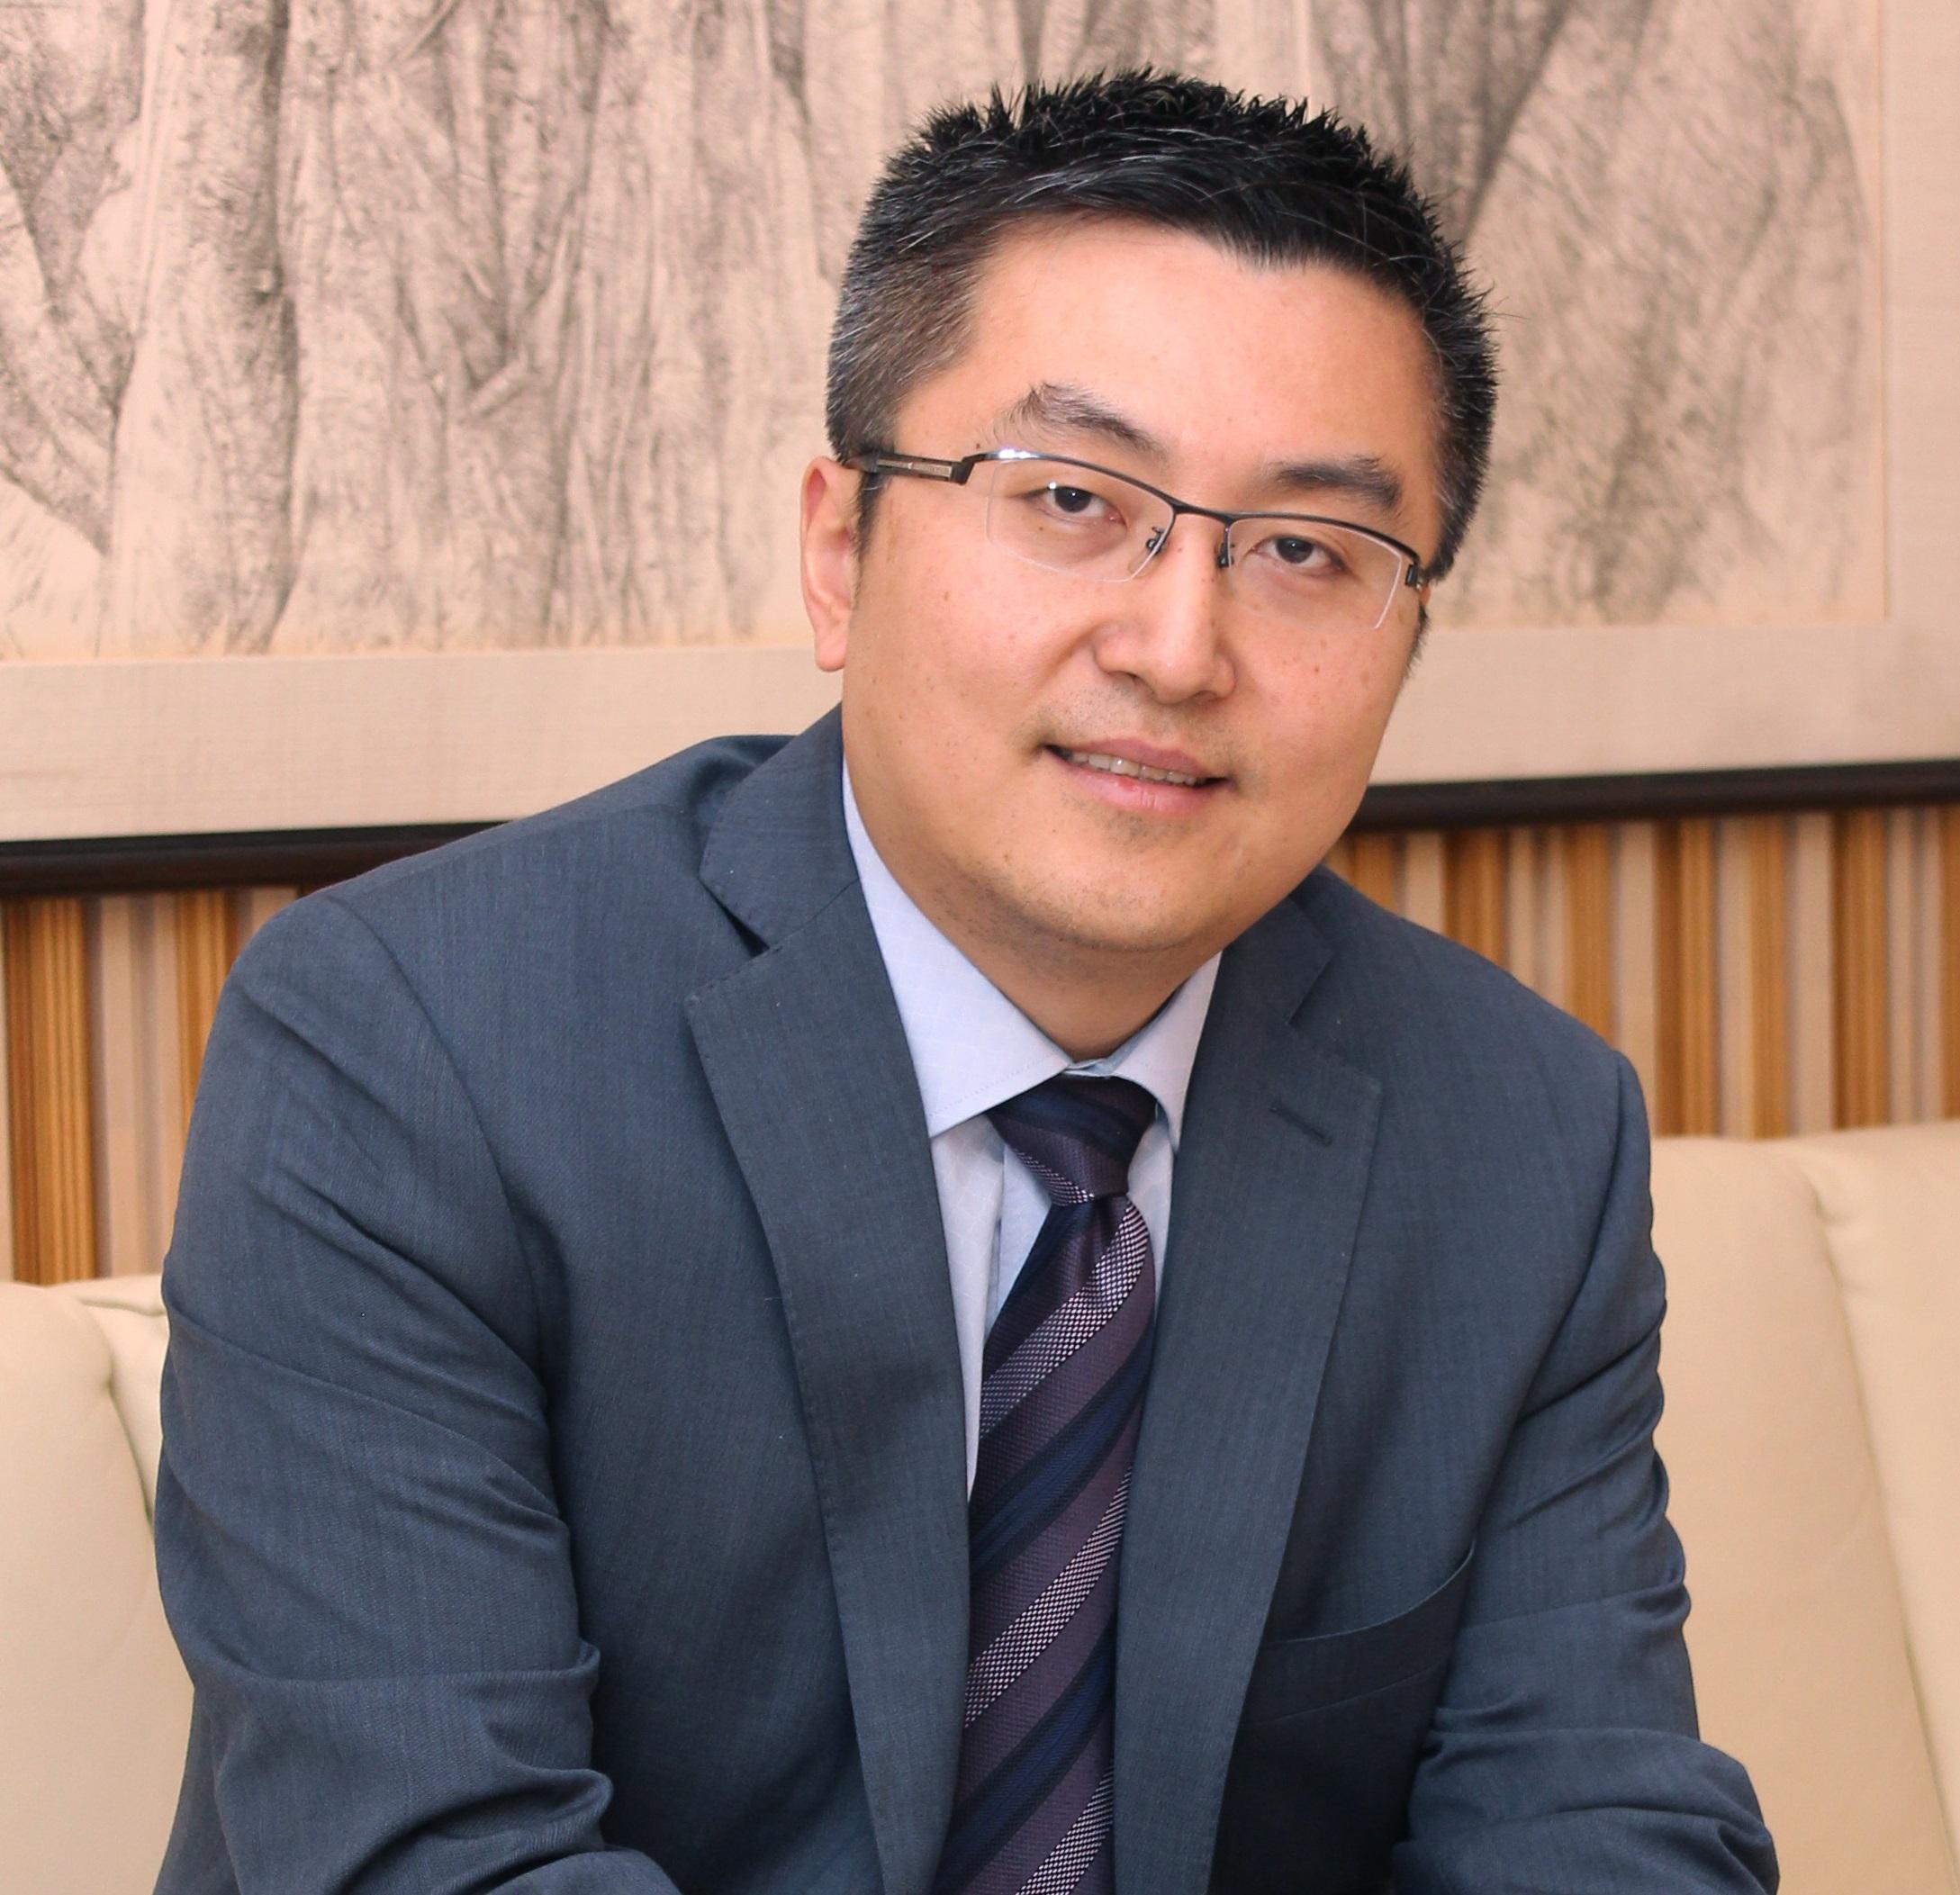 摩根大通高管加盟小鹏汽车 任副董事长兼总裁